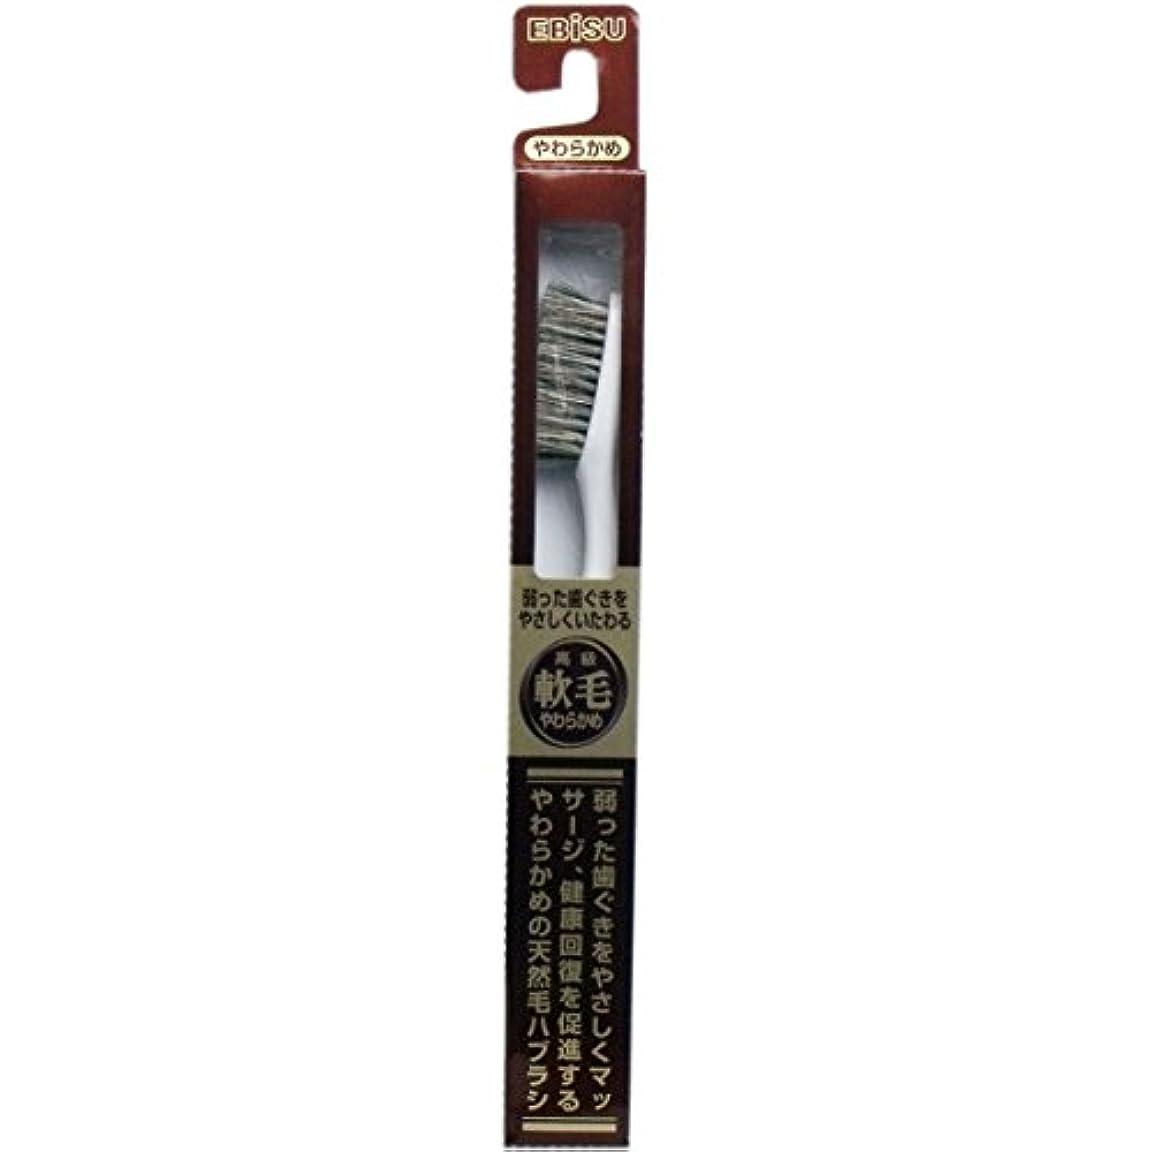 マラウイ極貧解釈【エビス】天然毛軟毛歯ブラシ 500 やわらかめ 1本 ×10個セット